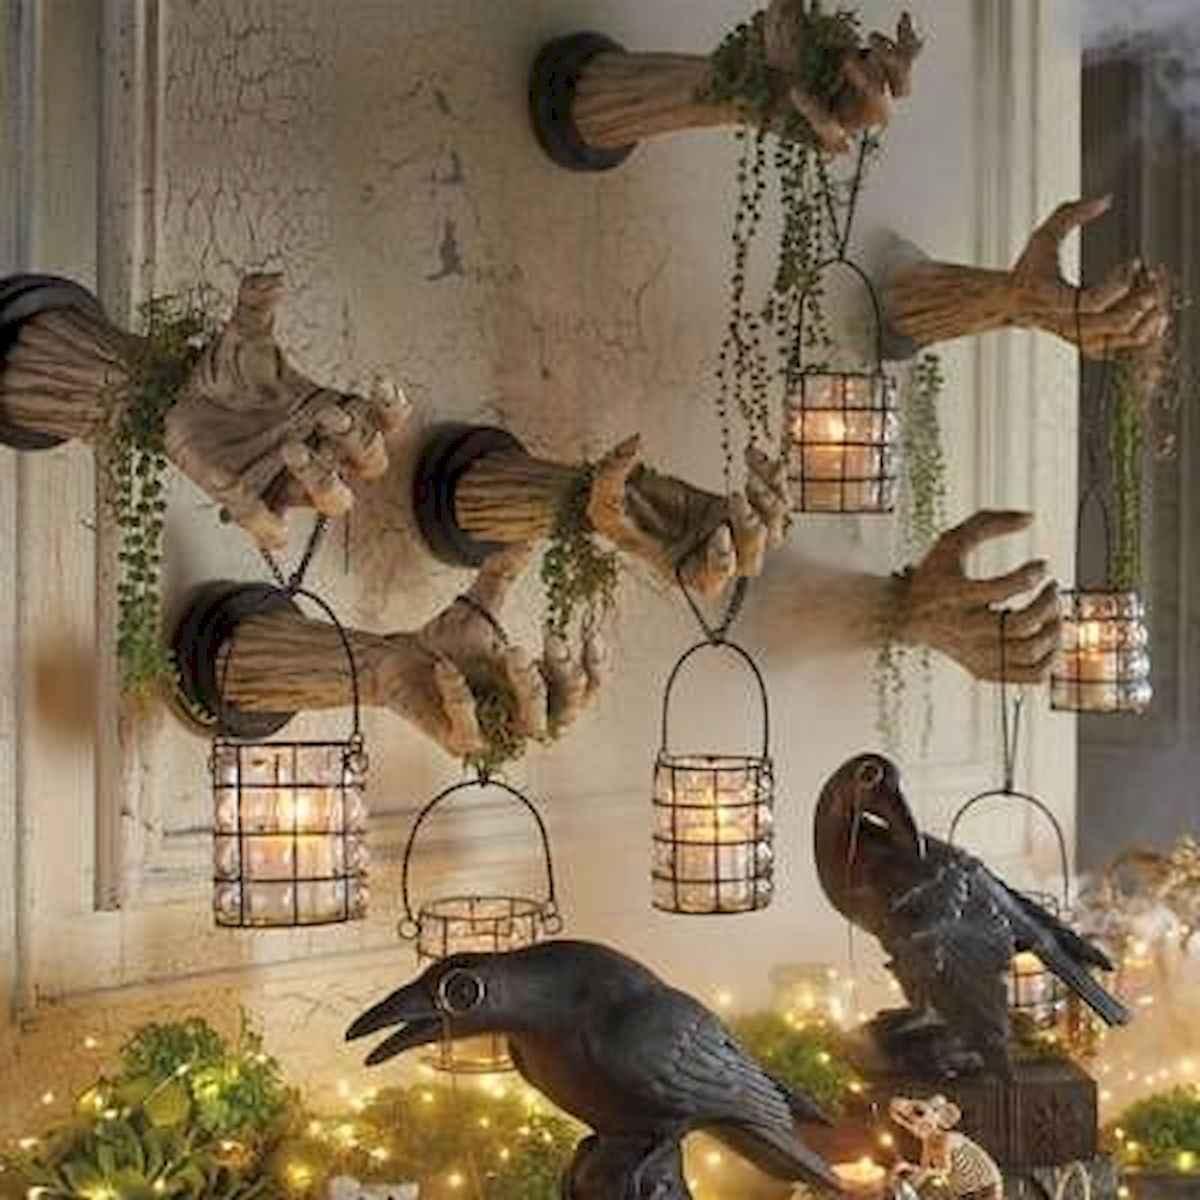 25 Creative Indoor Halloween Decorations Ideas (20)